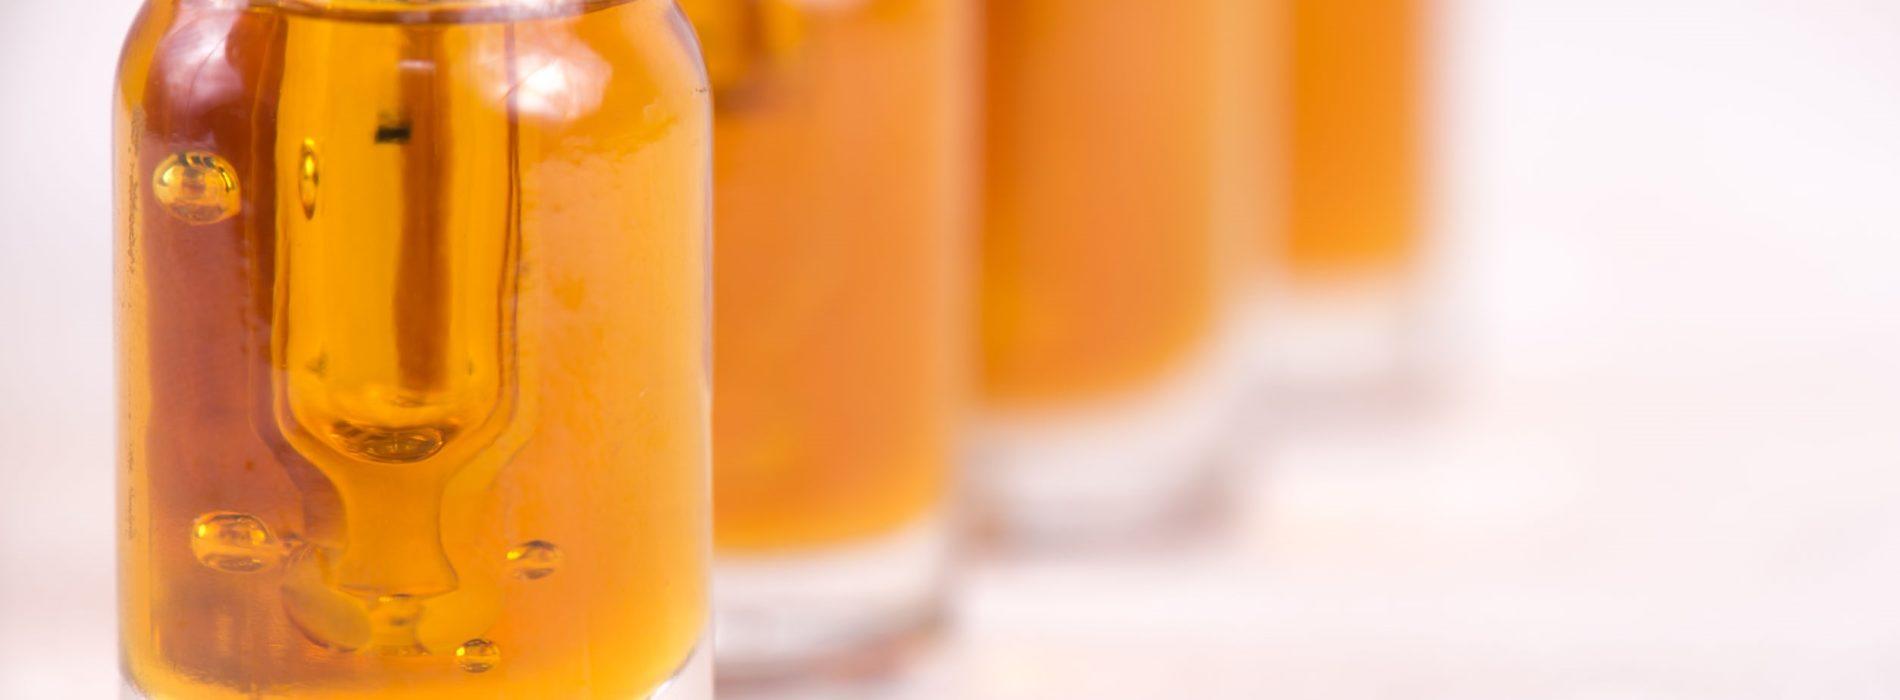 Interakcje CBD z lekami. Czy CBD sprawi, że leki przestaną działać?